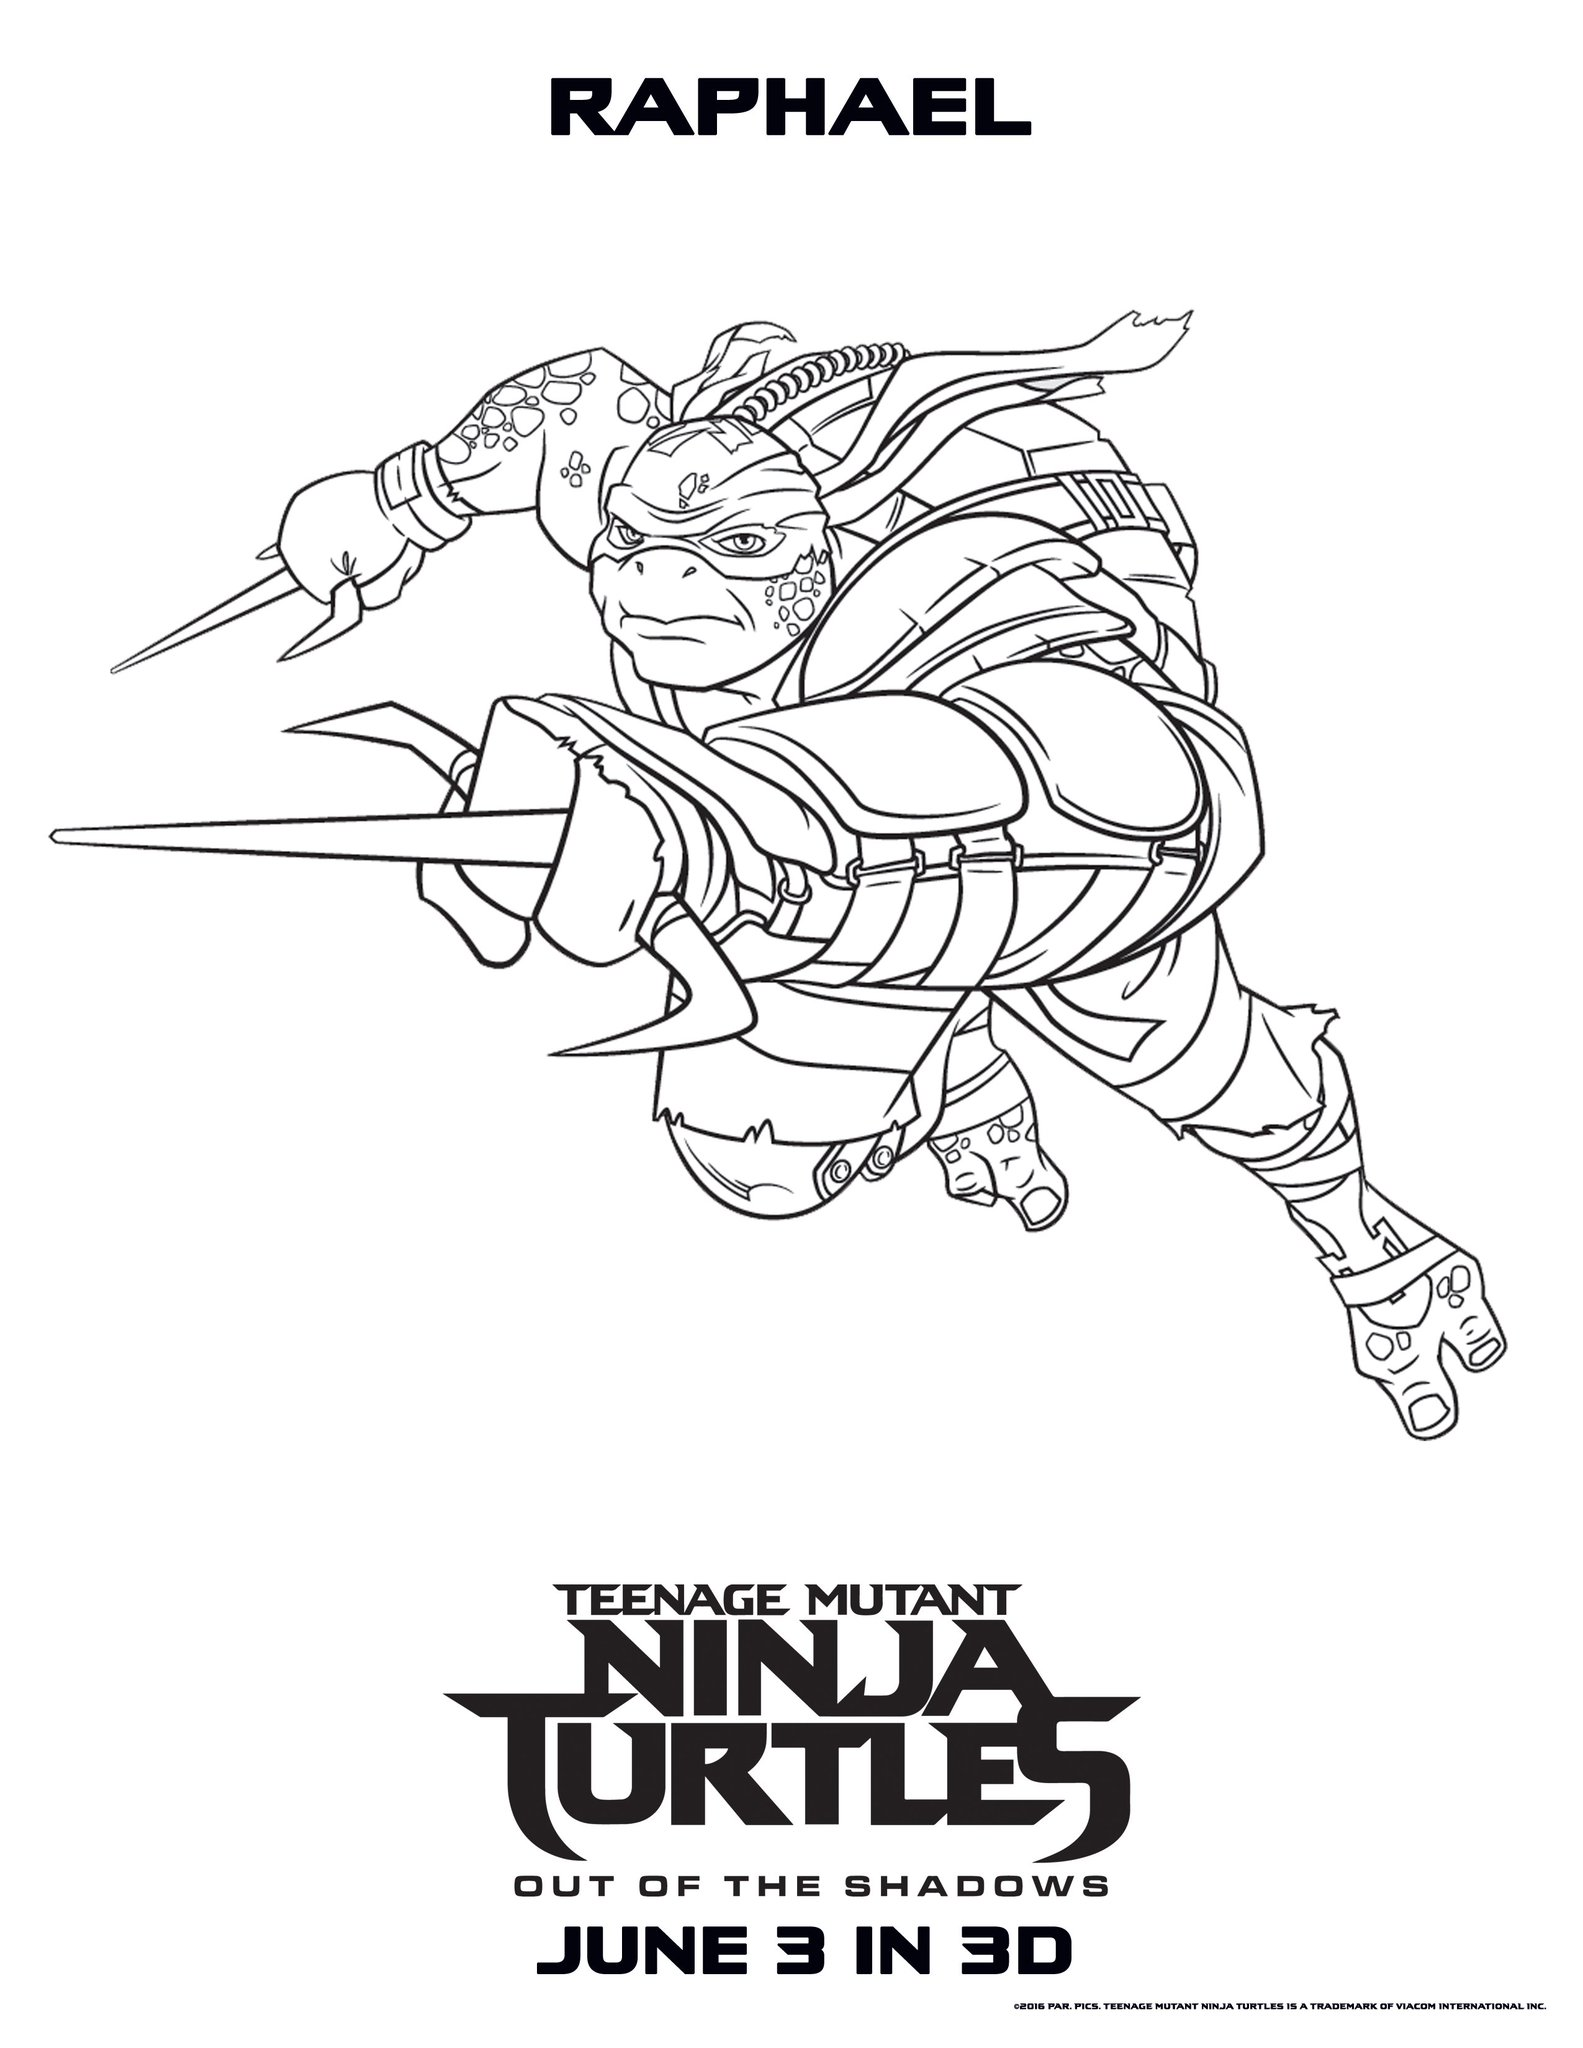 TMNT Fan 86 On Twitter Teenage Mutant Ninja Turtles Out